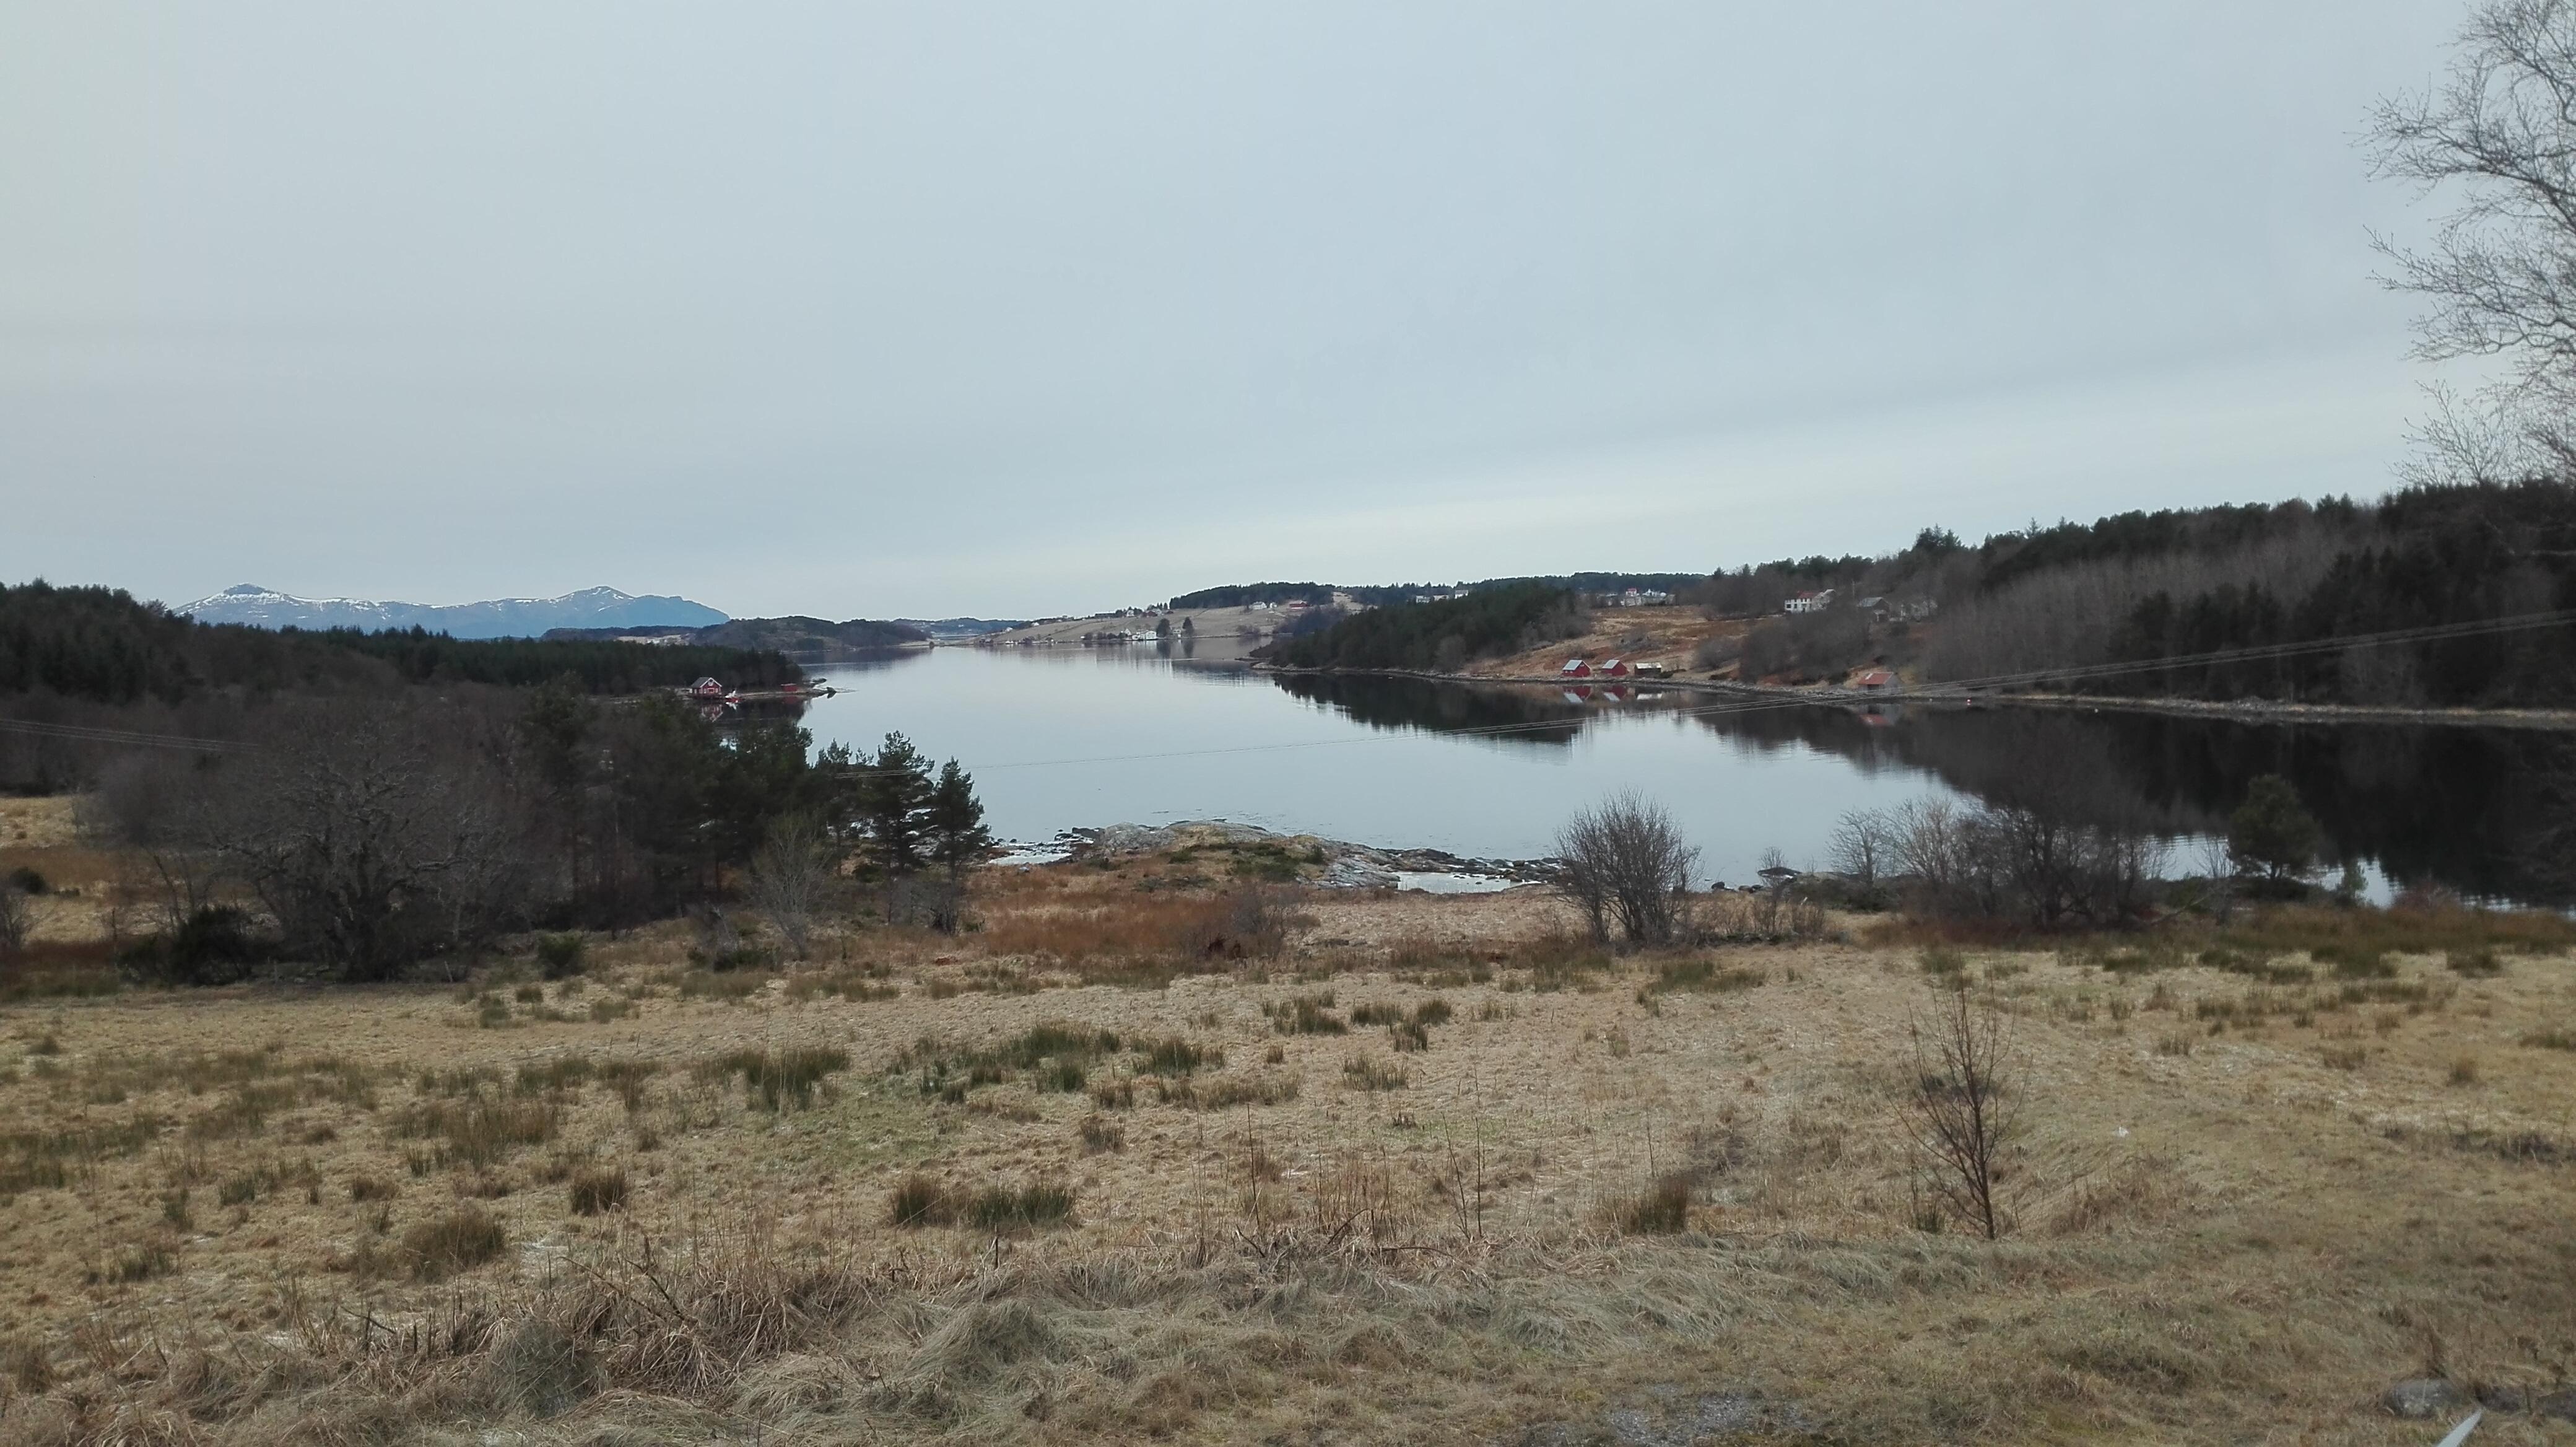 singler i nærheten mega sogn og fjordane